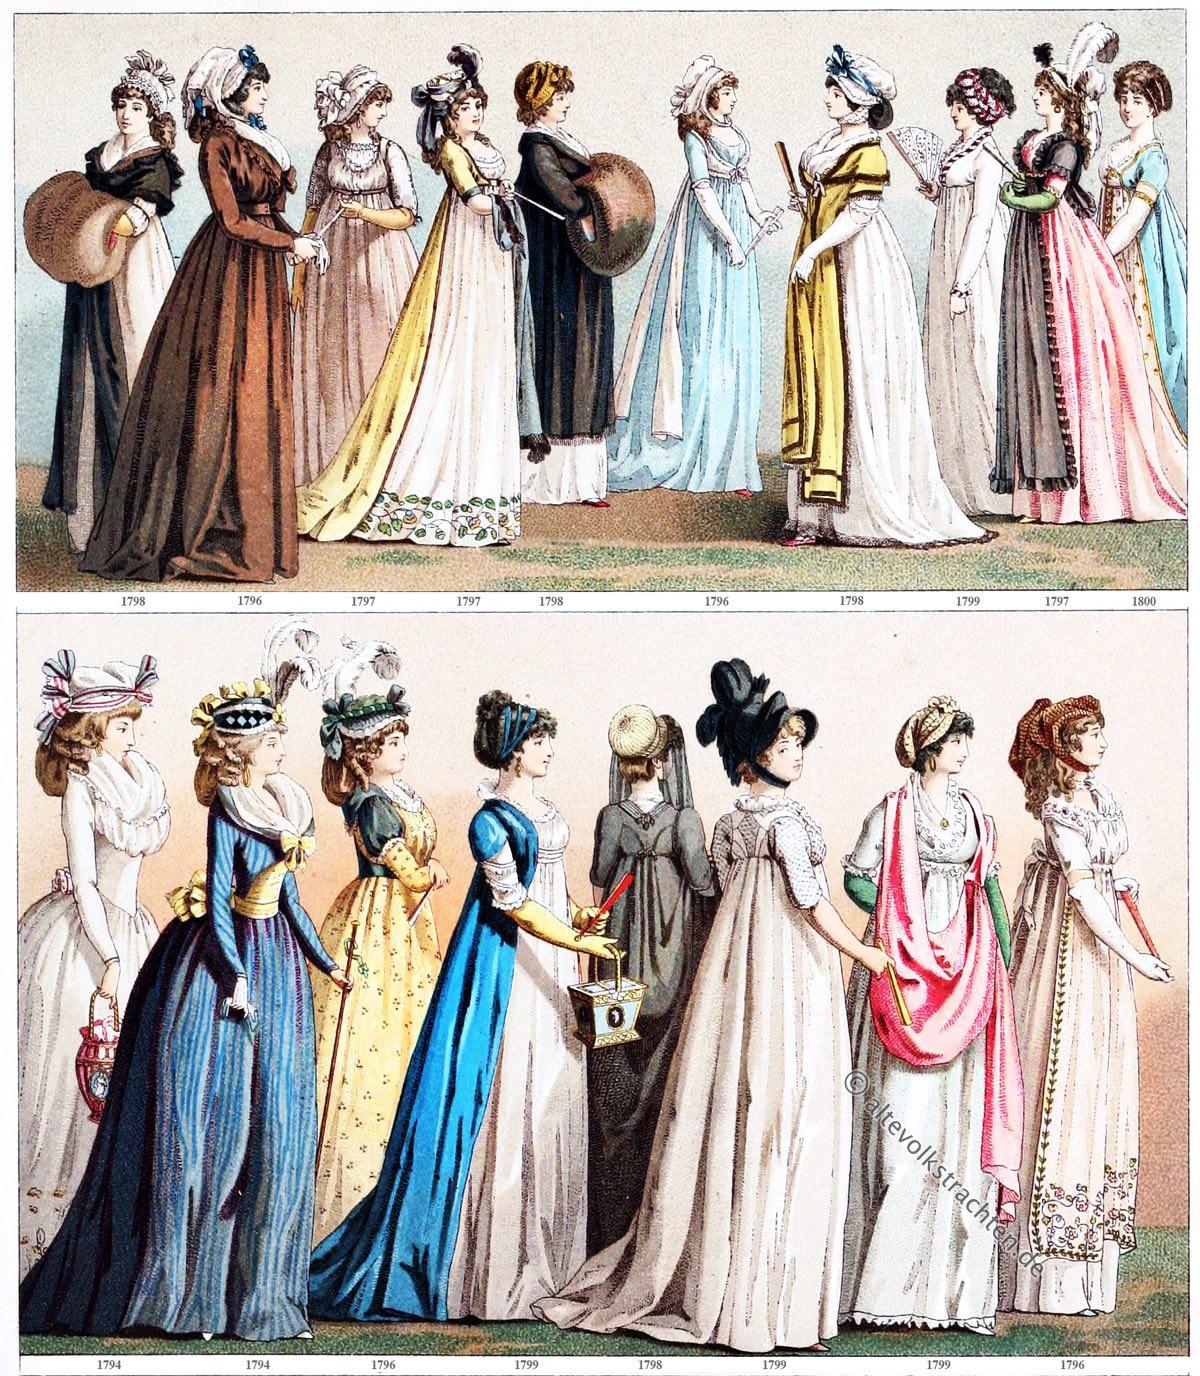 Mode, Kostüme, Frankreich, Direktorium, Empire, Modegeschichte, Auguste Racinet, 18. Jahrhundert, Klassizismus